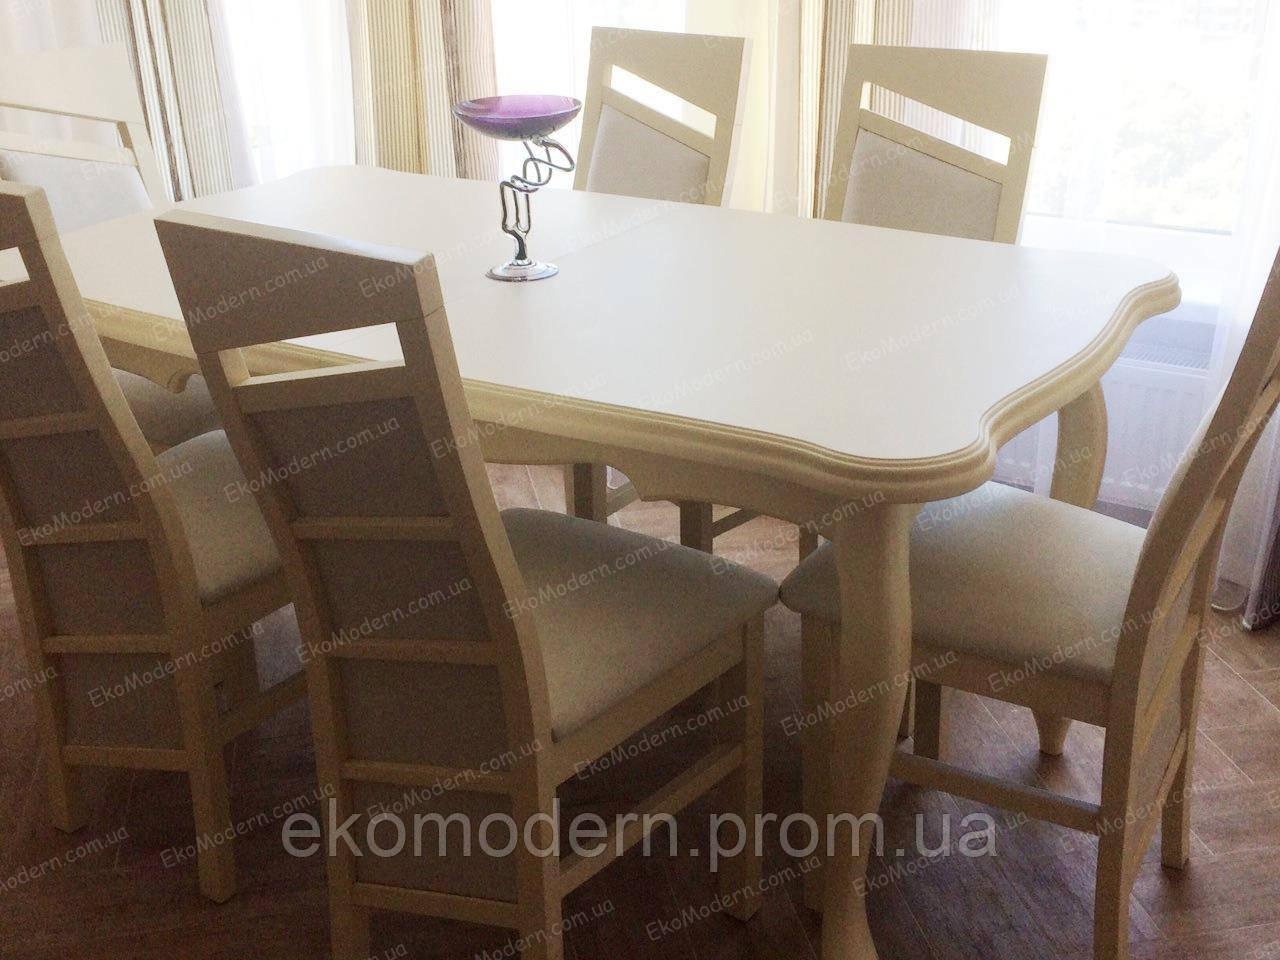 Стол обеденный Ричмонд + в цвете слоновая кость в стиле прованс